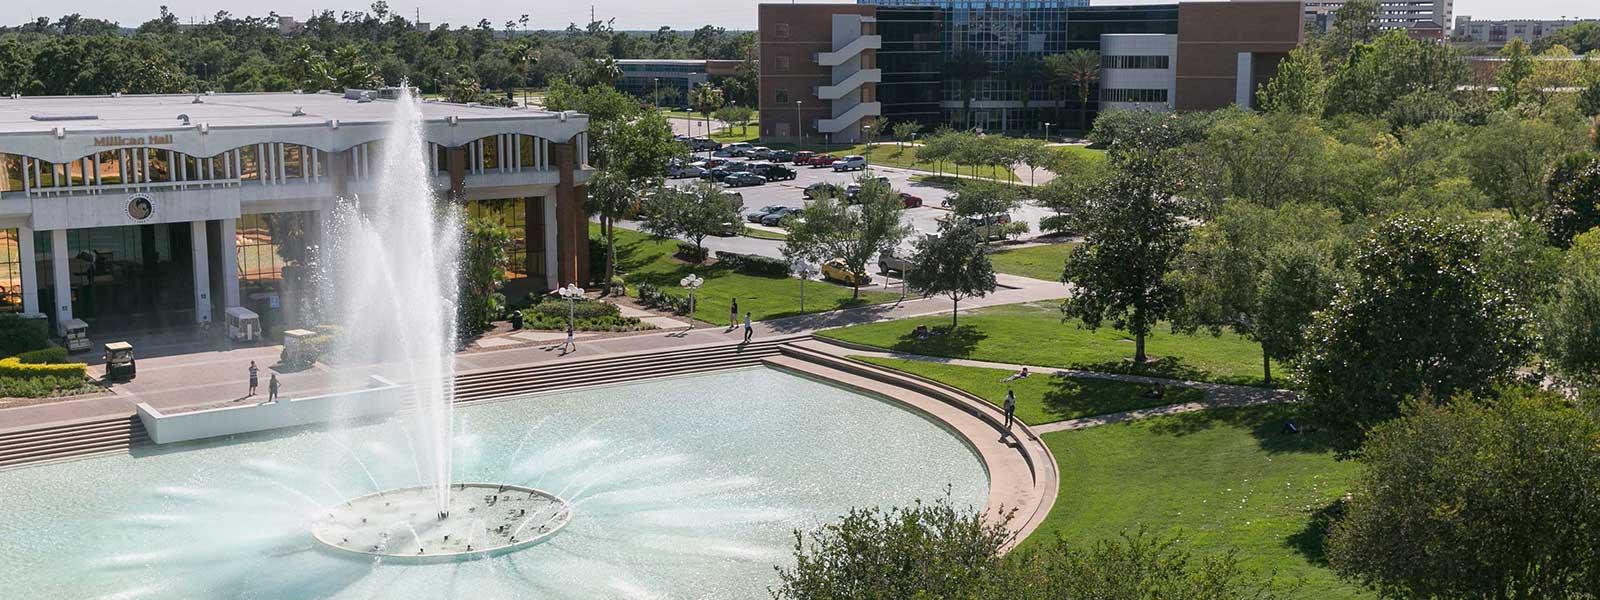 Ucf Campus UCF - Campuses & L...